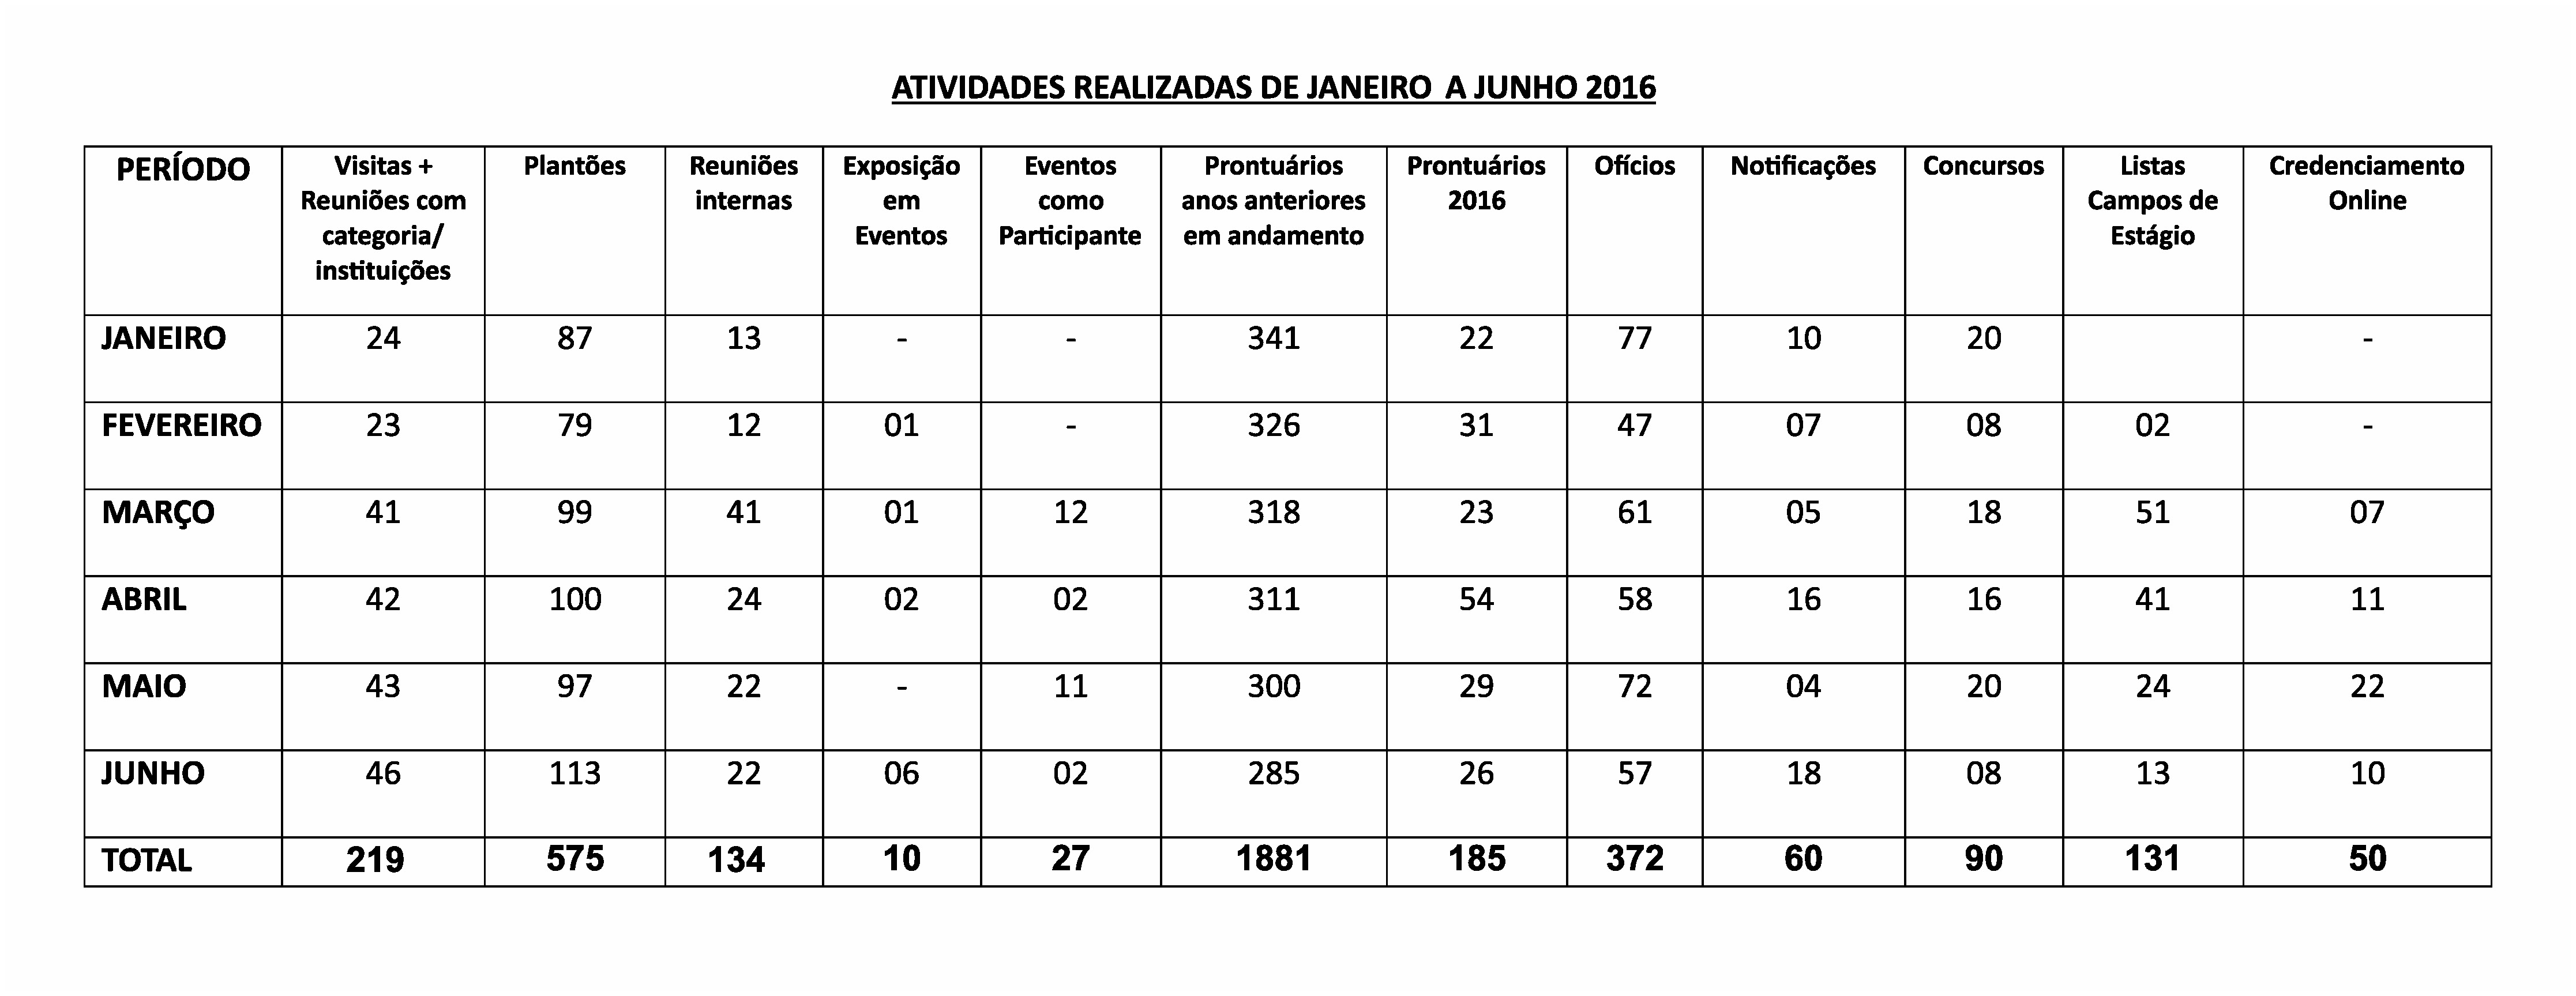 ATIVIDADES REALIZADAS JAN A JUN - 2016 - FISCALIZAÇÃO